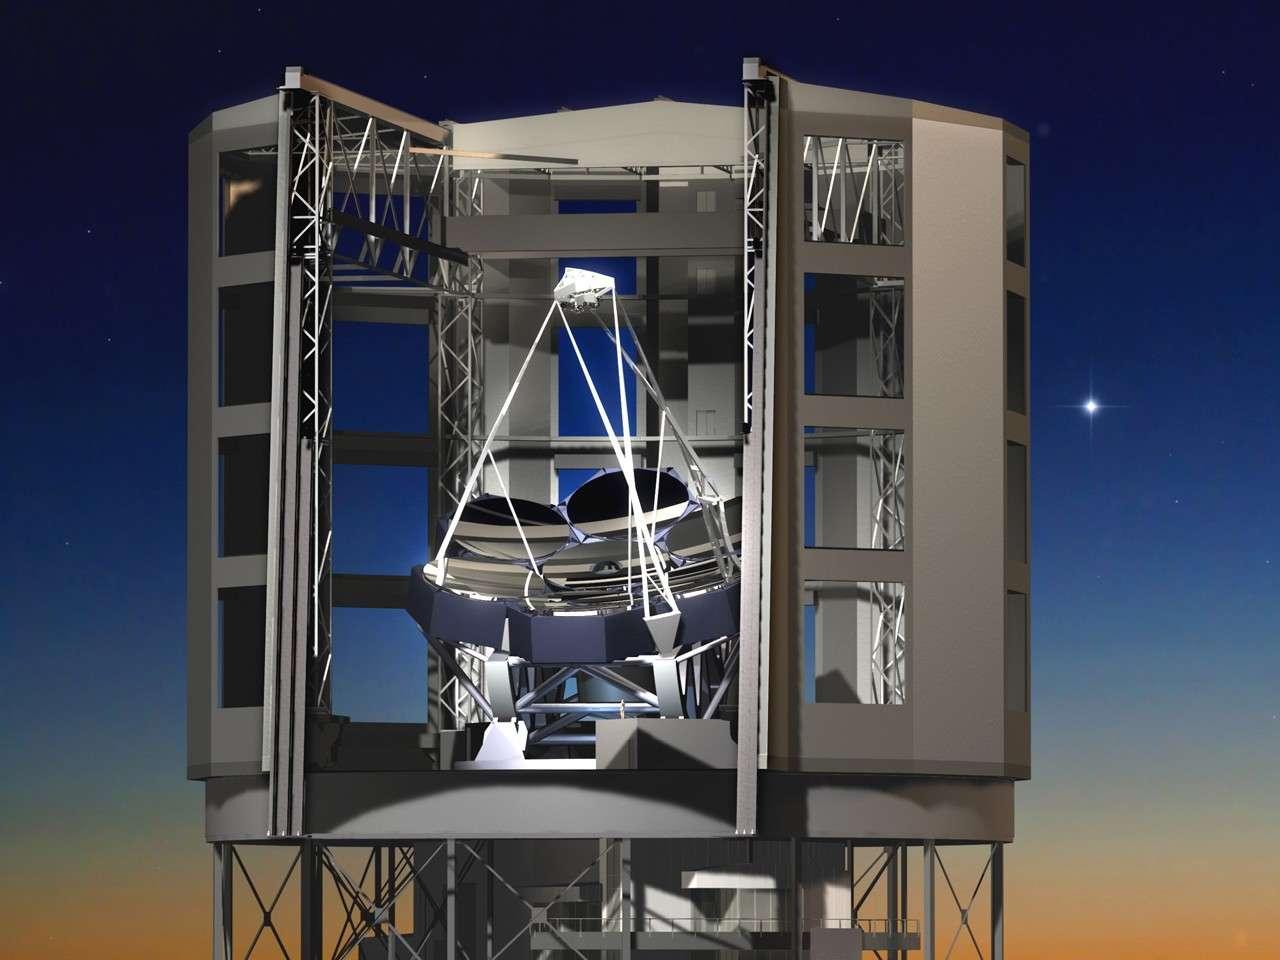 Le Giant Magellan Telescope fait partie des trois projets de télescopes géants. Il se compose de 7 miroirs primaires de 8,4 m de diamètre chacun qu'il faut tailler pour obtenir l'équivalent d'une surface collectrice de 24,5 m. © University of Arizona